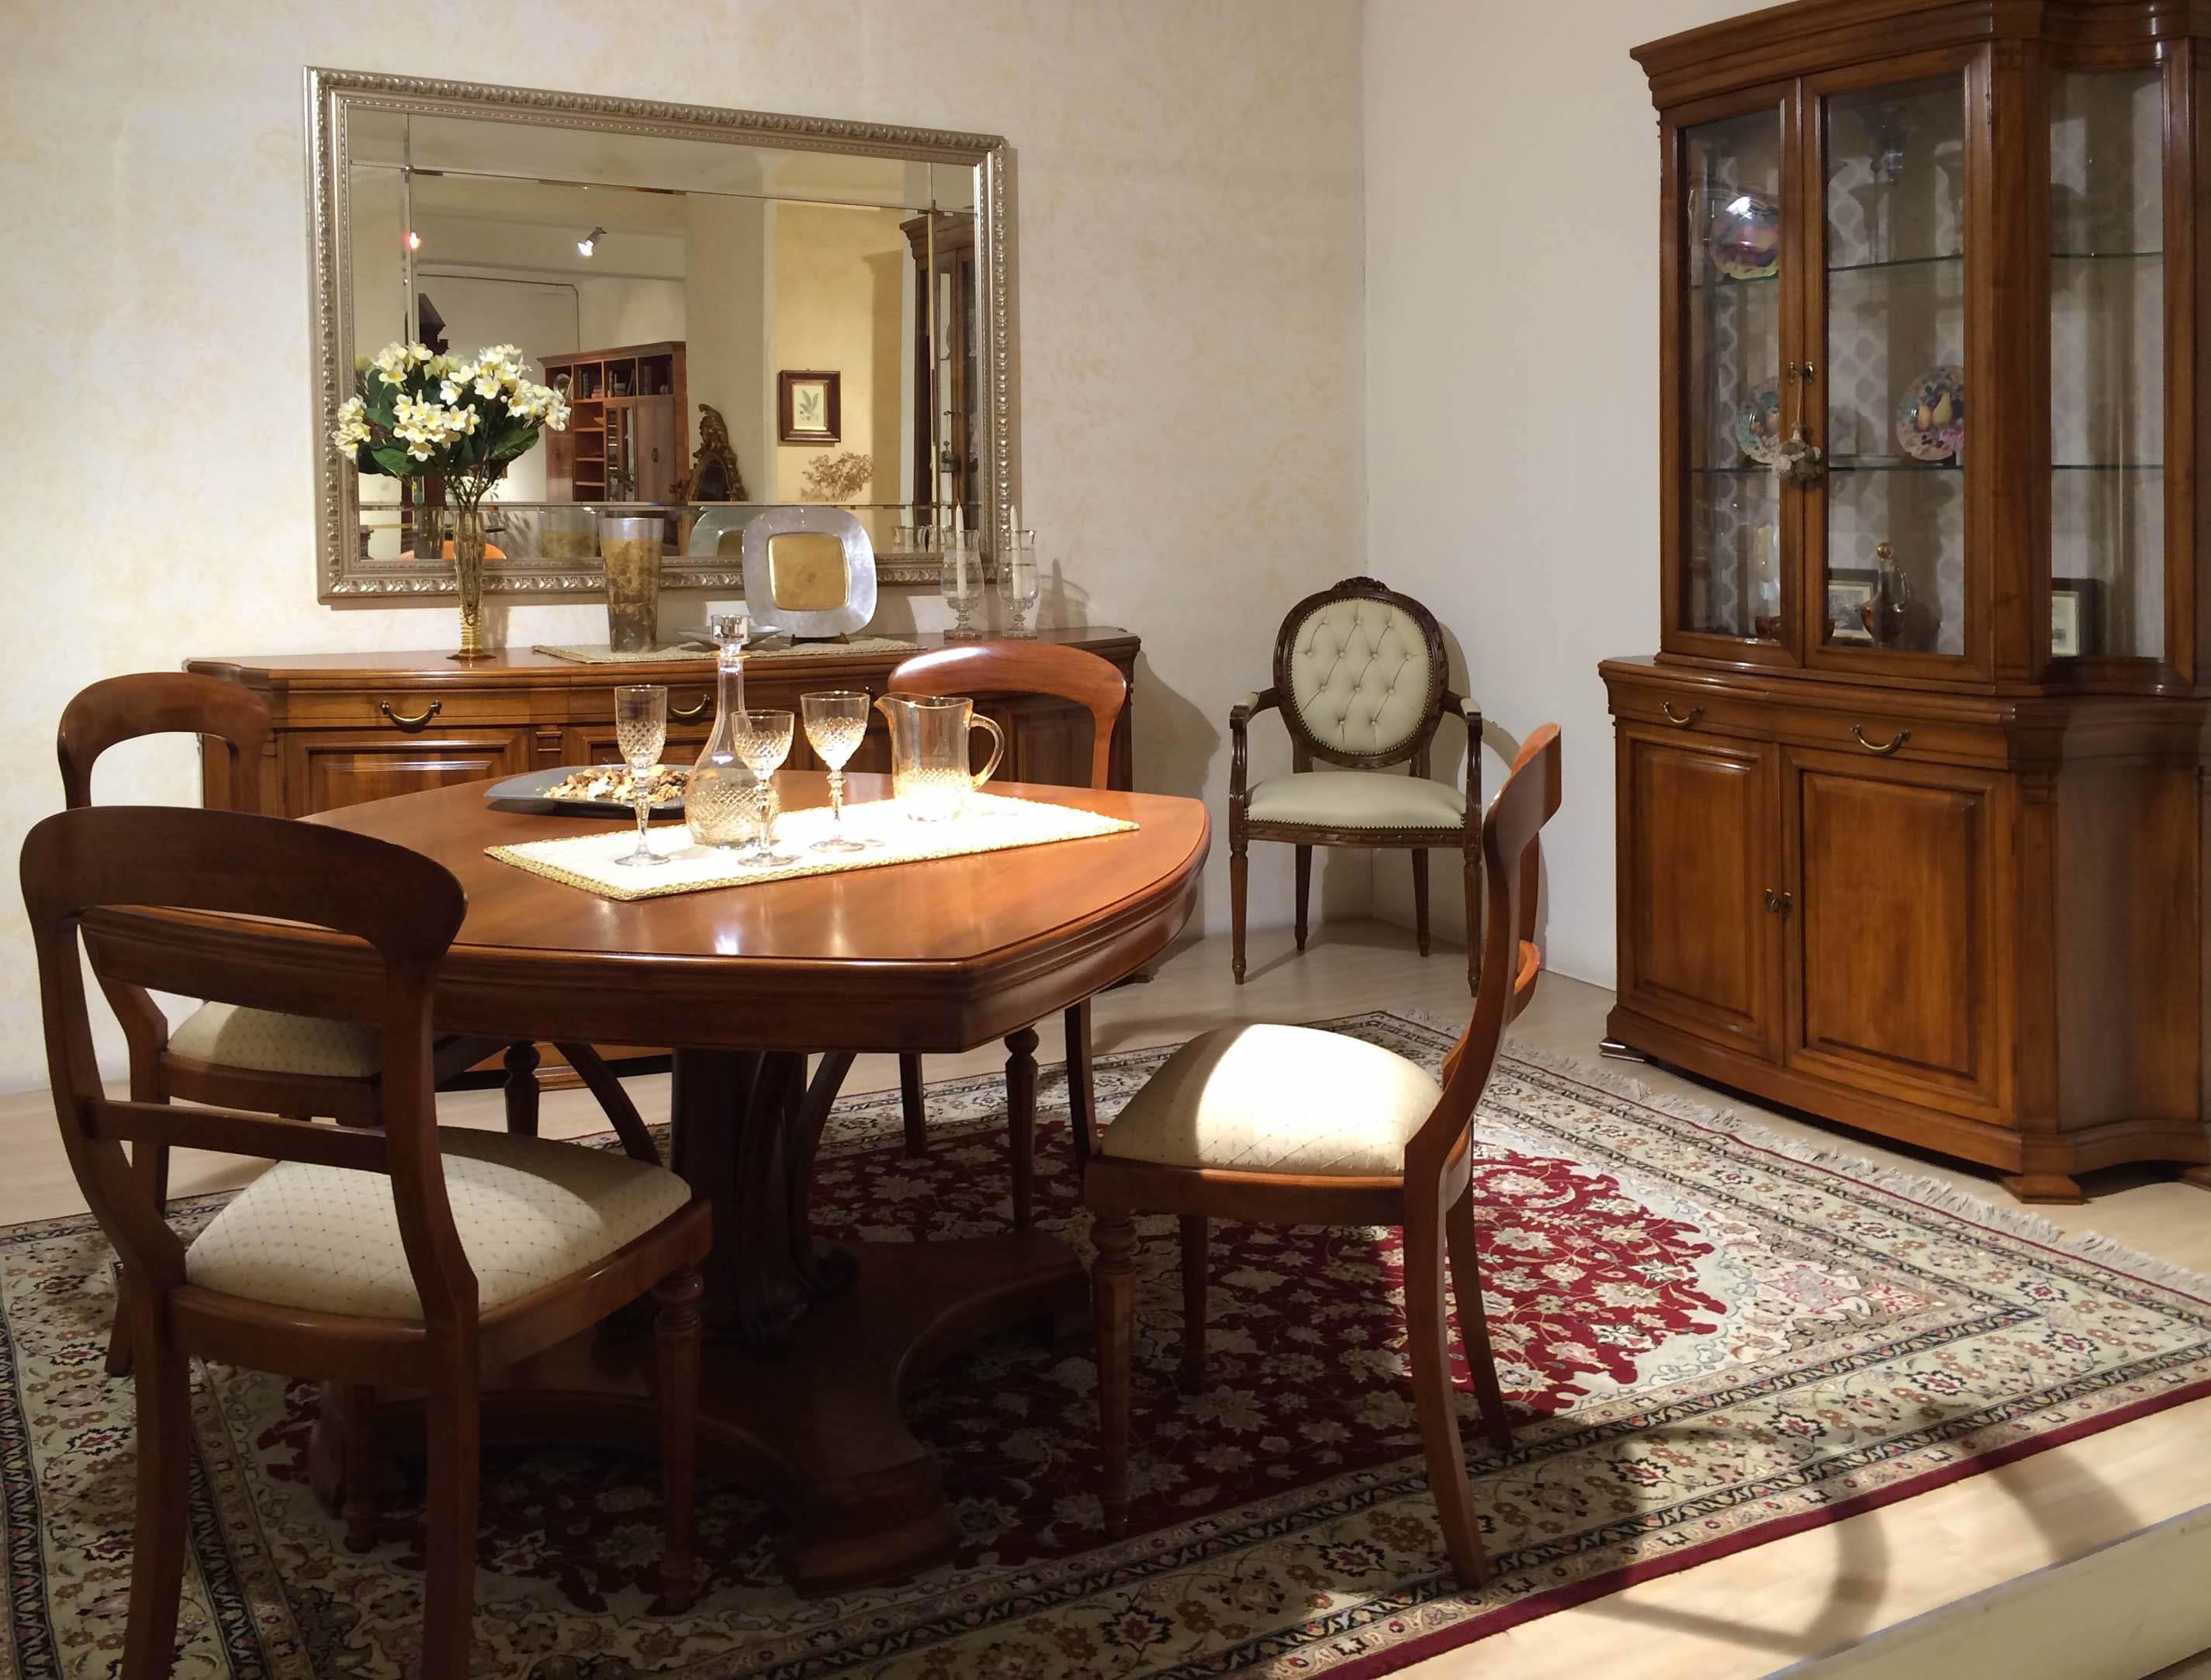 Sala da pranzo stile 800 in legno massello noce chiaro newformsdesign mobili classici e - Mobili sala da pranzo ...